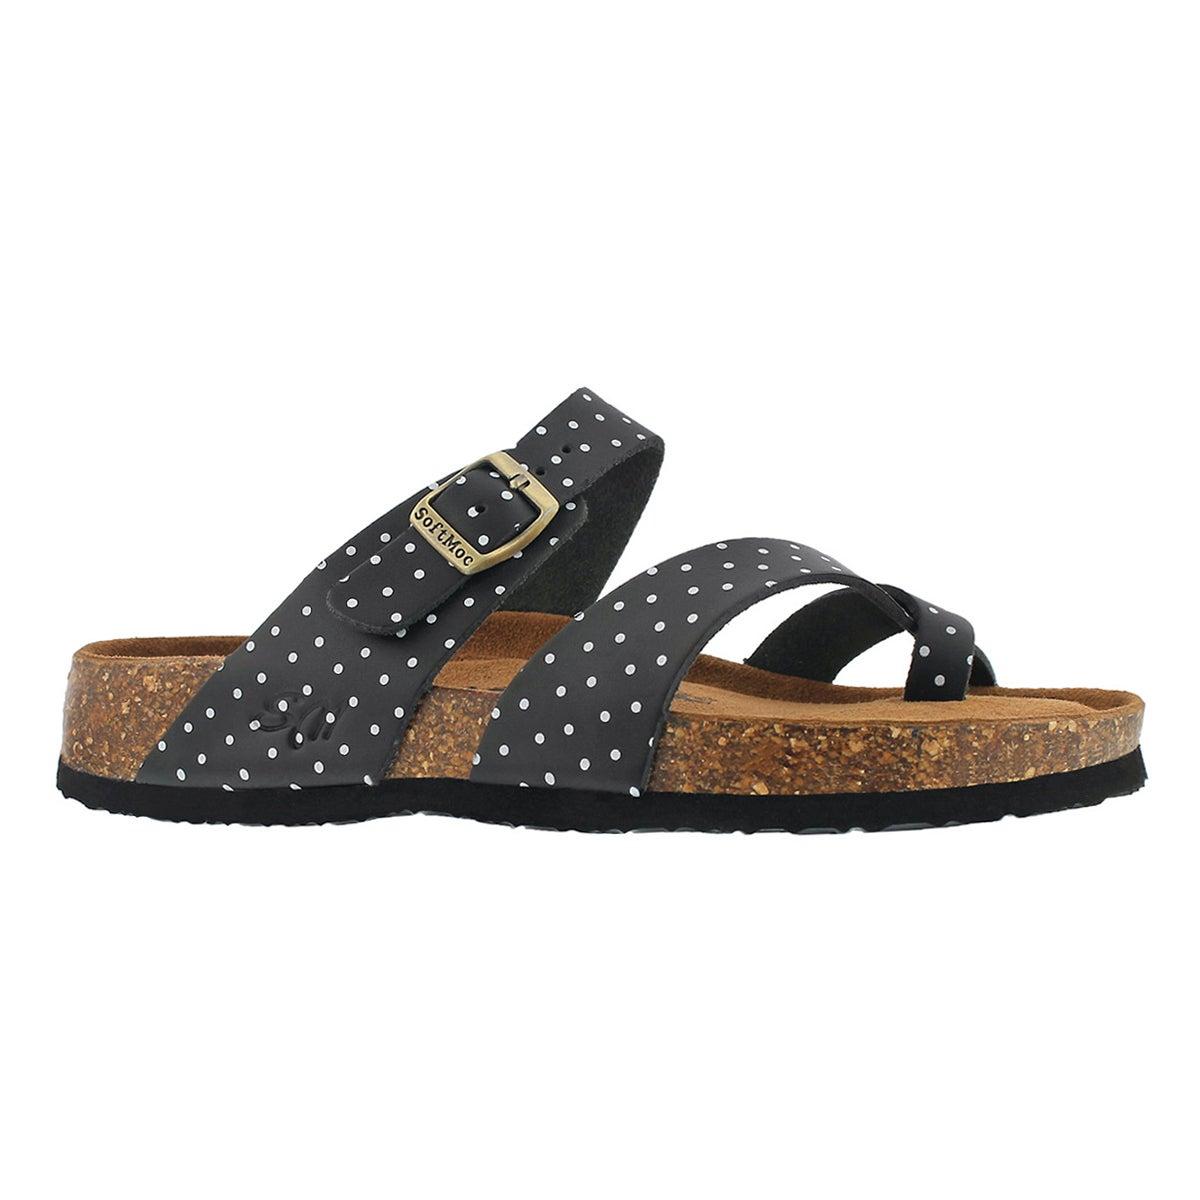 Women's ALICIA 5 black/white memory foam sandals